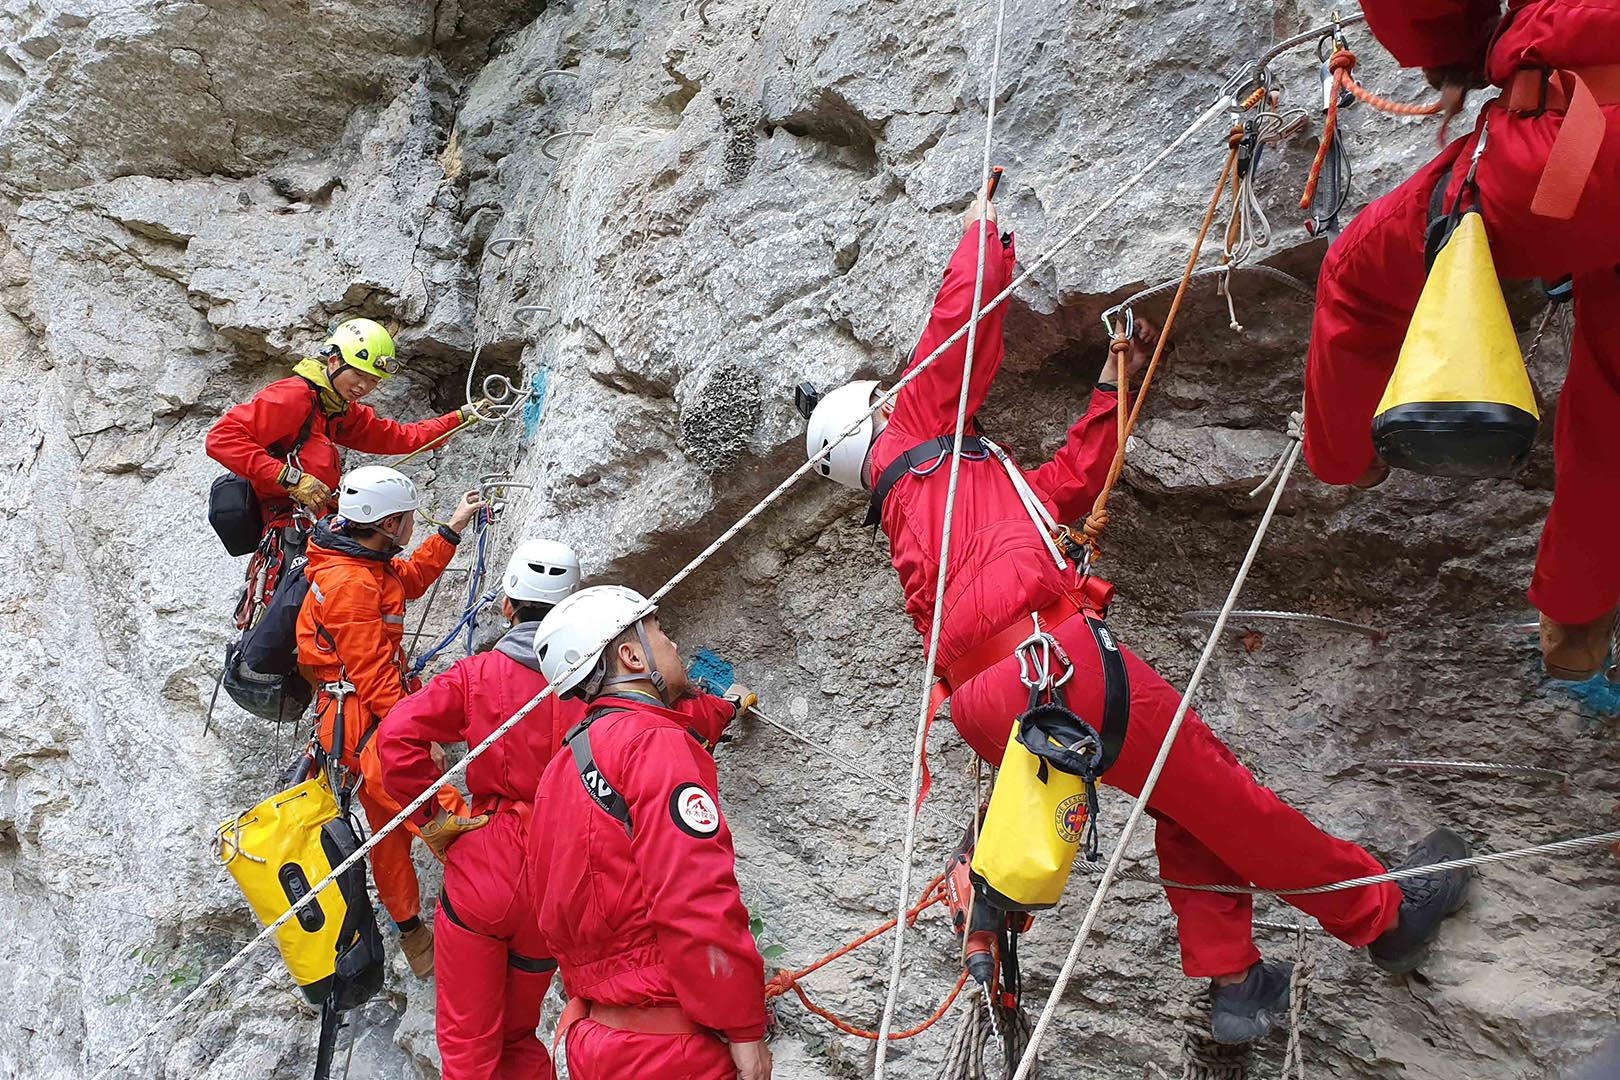 贵阳攀岩体验|洞穴探险|闯关类团建拓展确认攀岩为奥运会项目